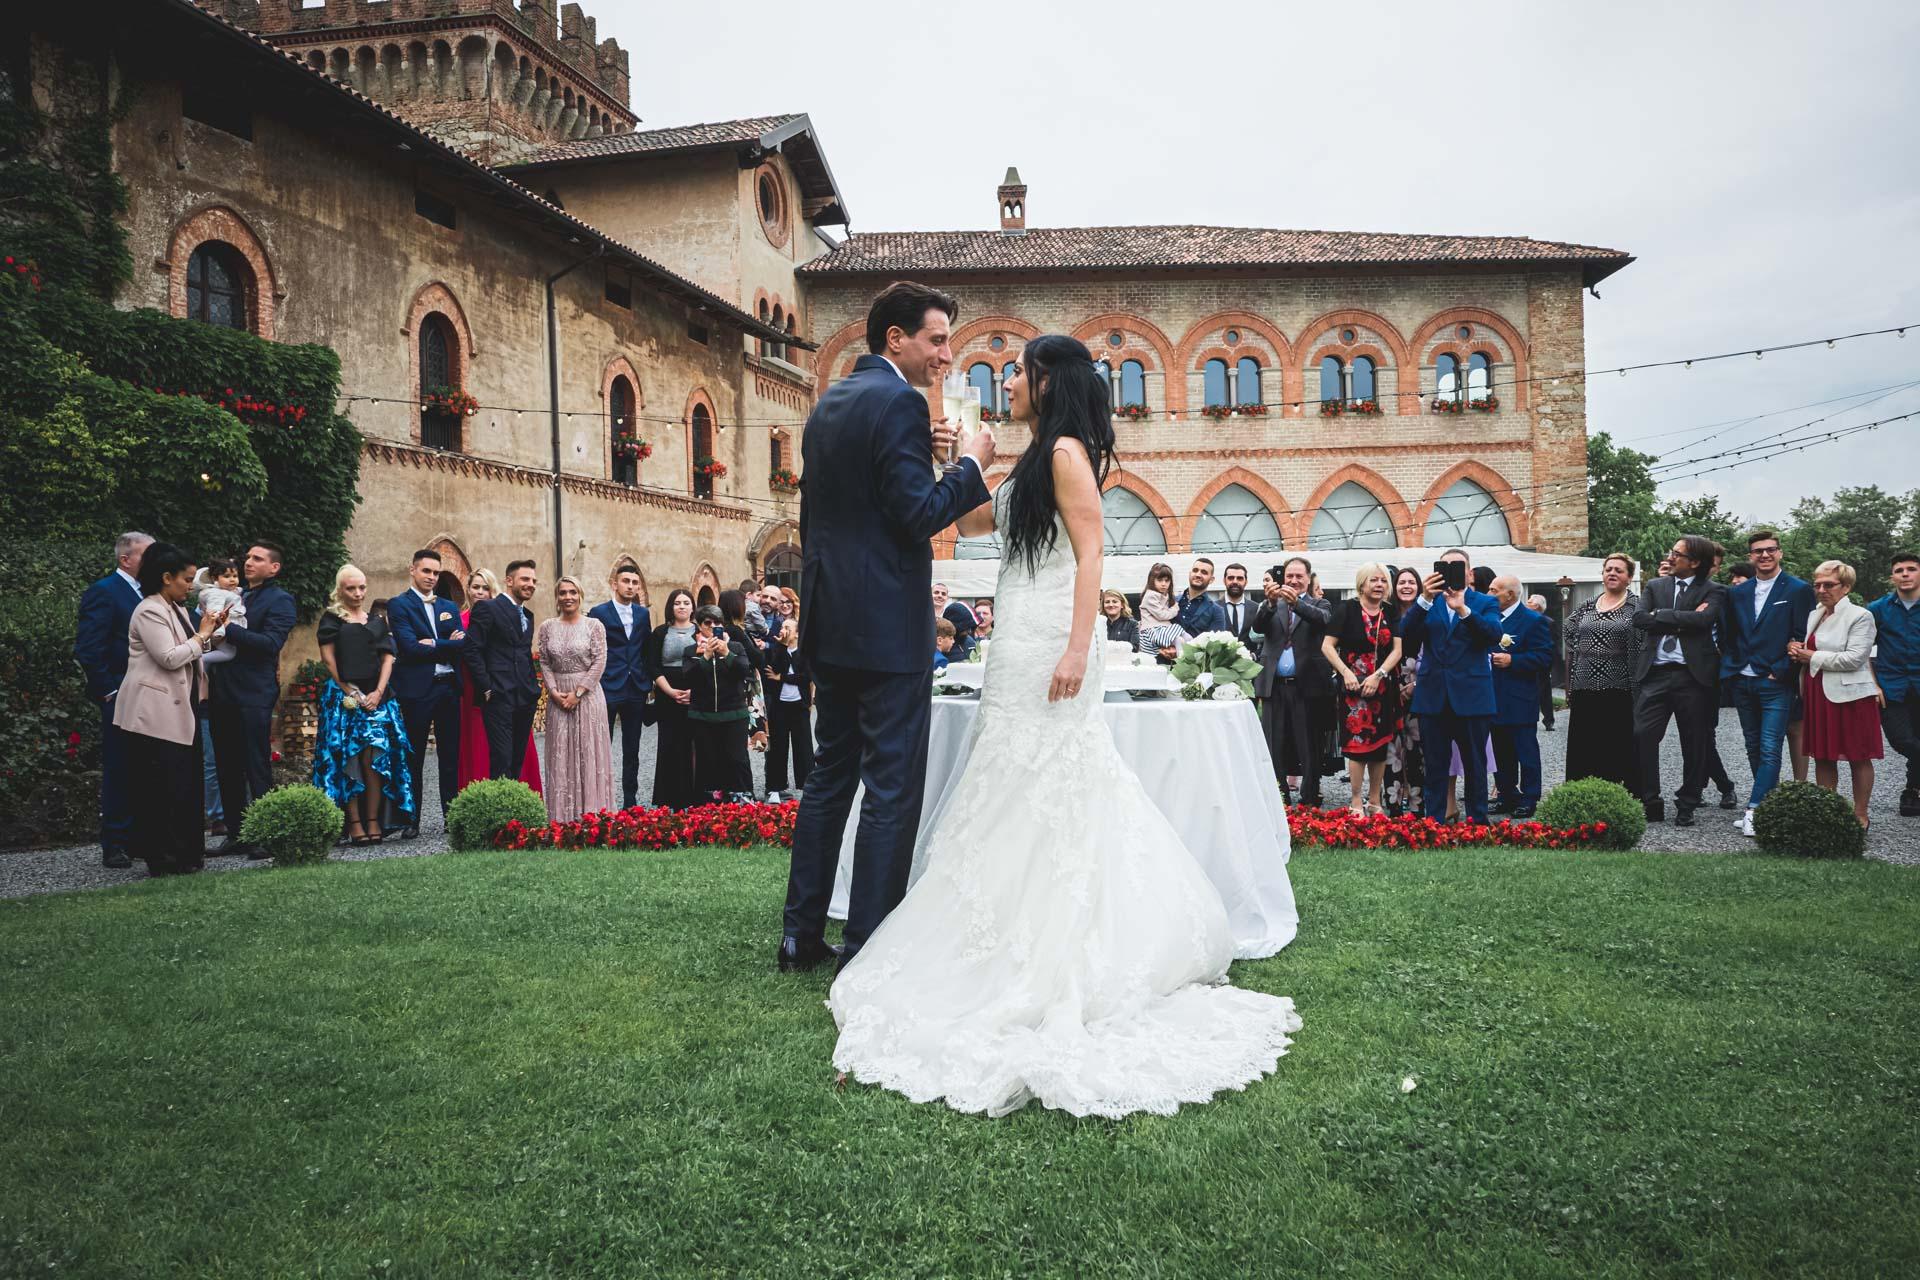 matrimonio sposi brindisi invitati ricevimento castello di marne